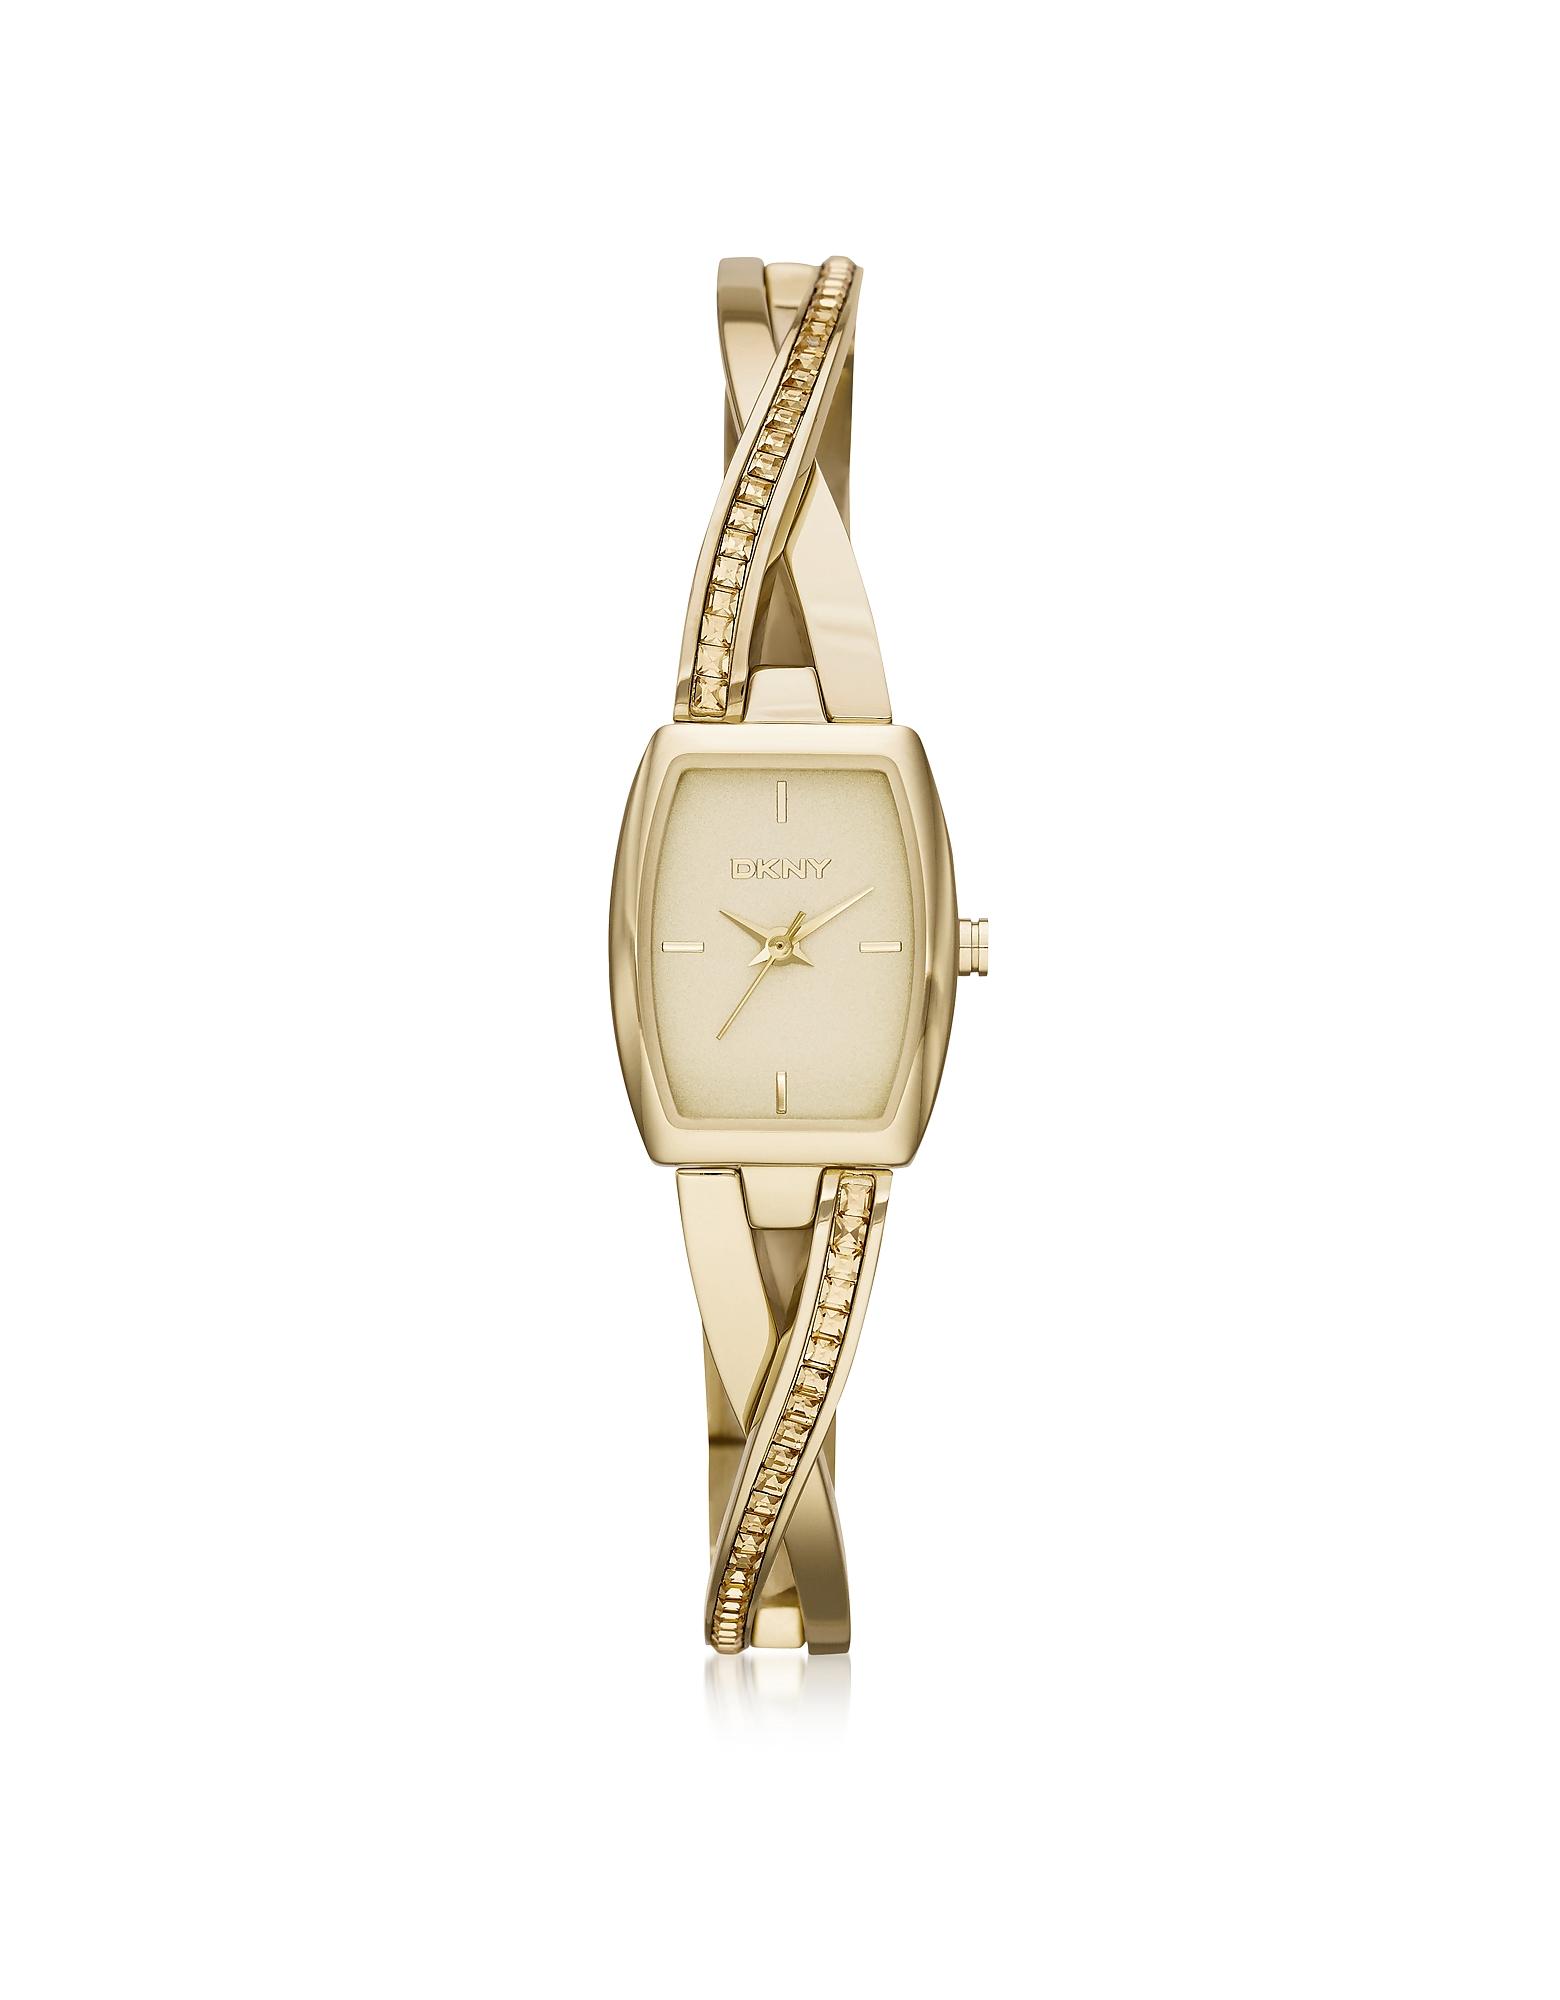 DKNY Women's Watches, Crosswalk Stainless Steel Women's Watch